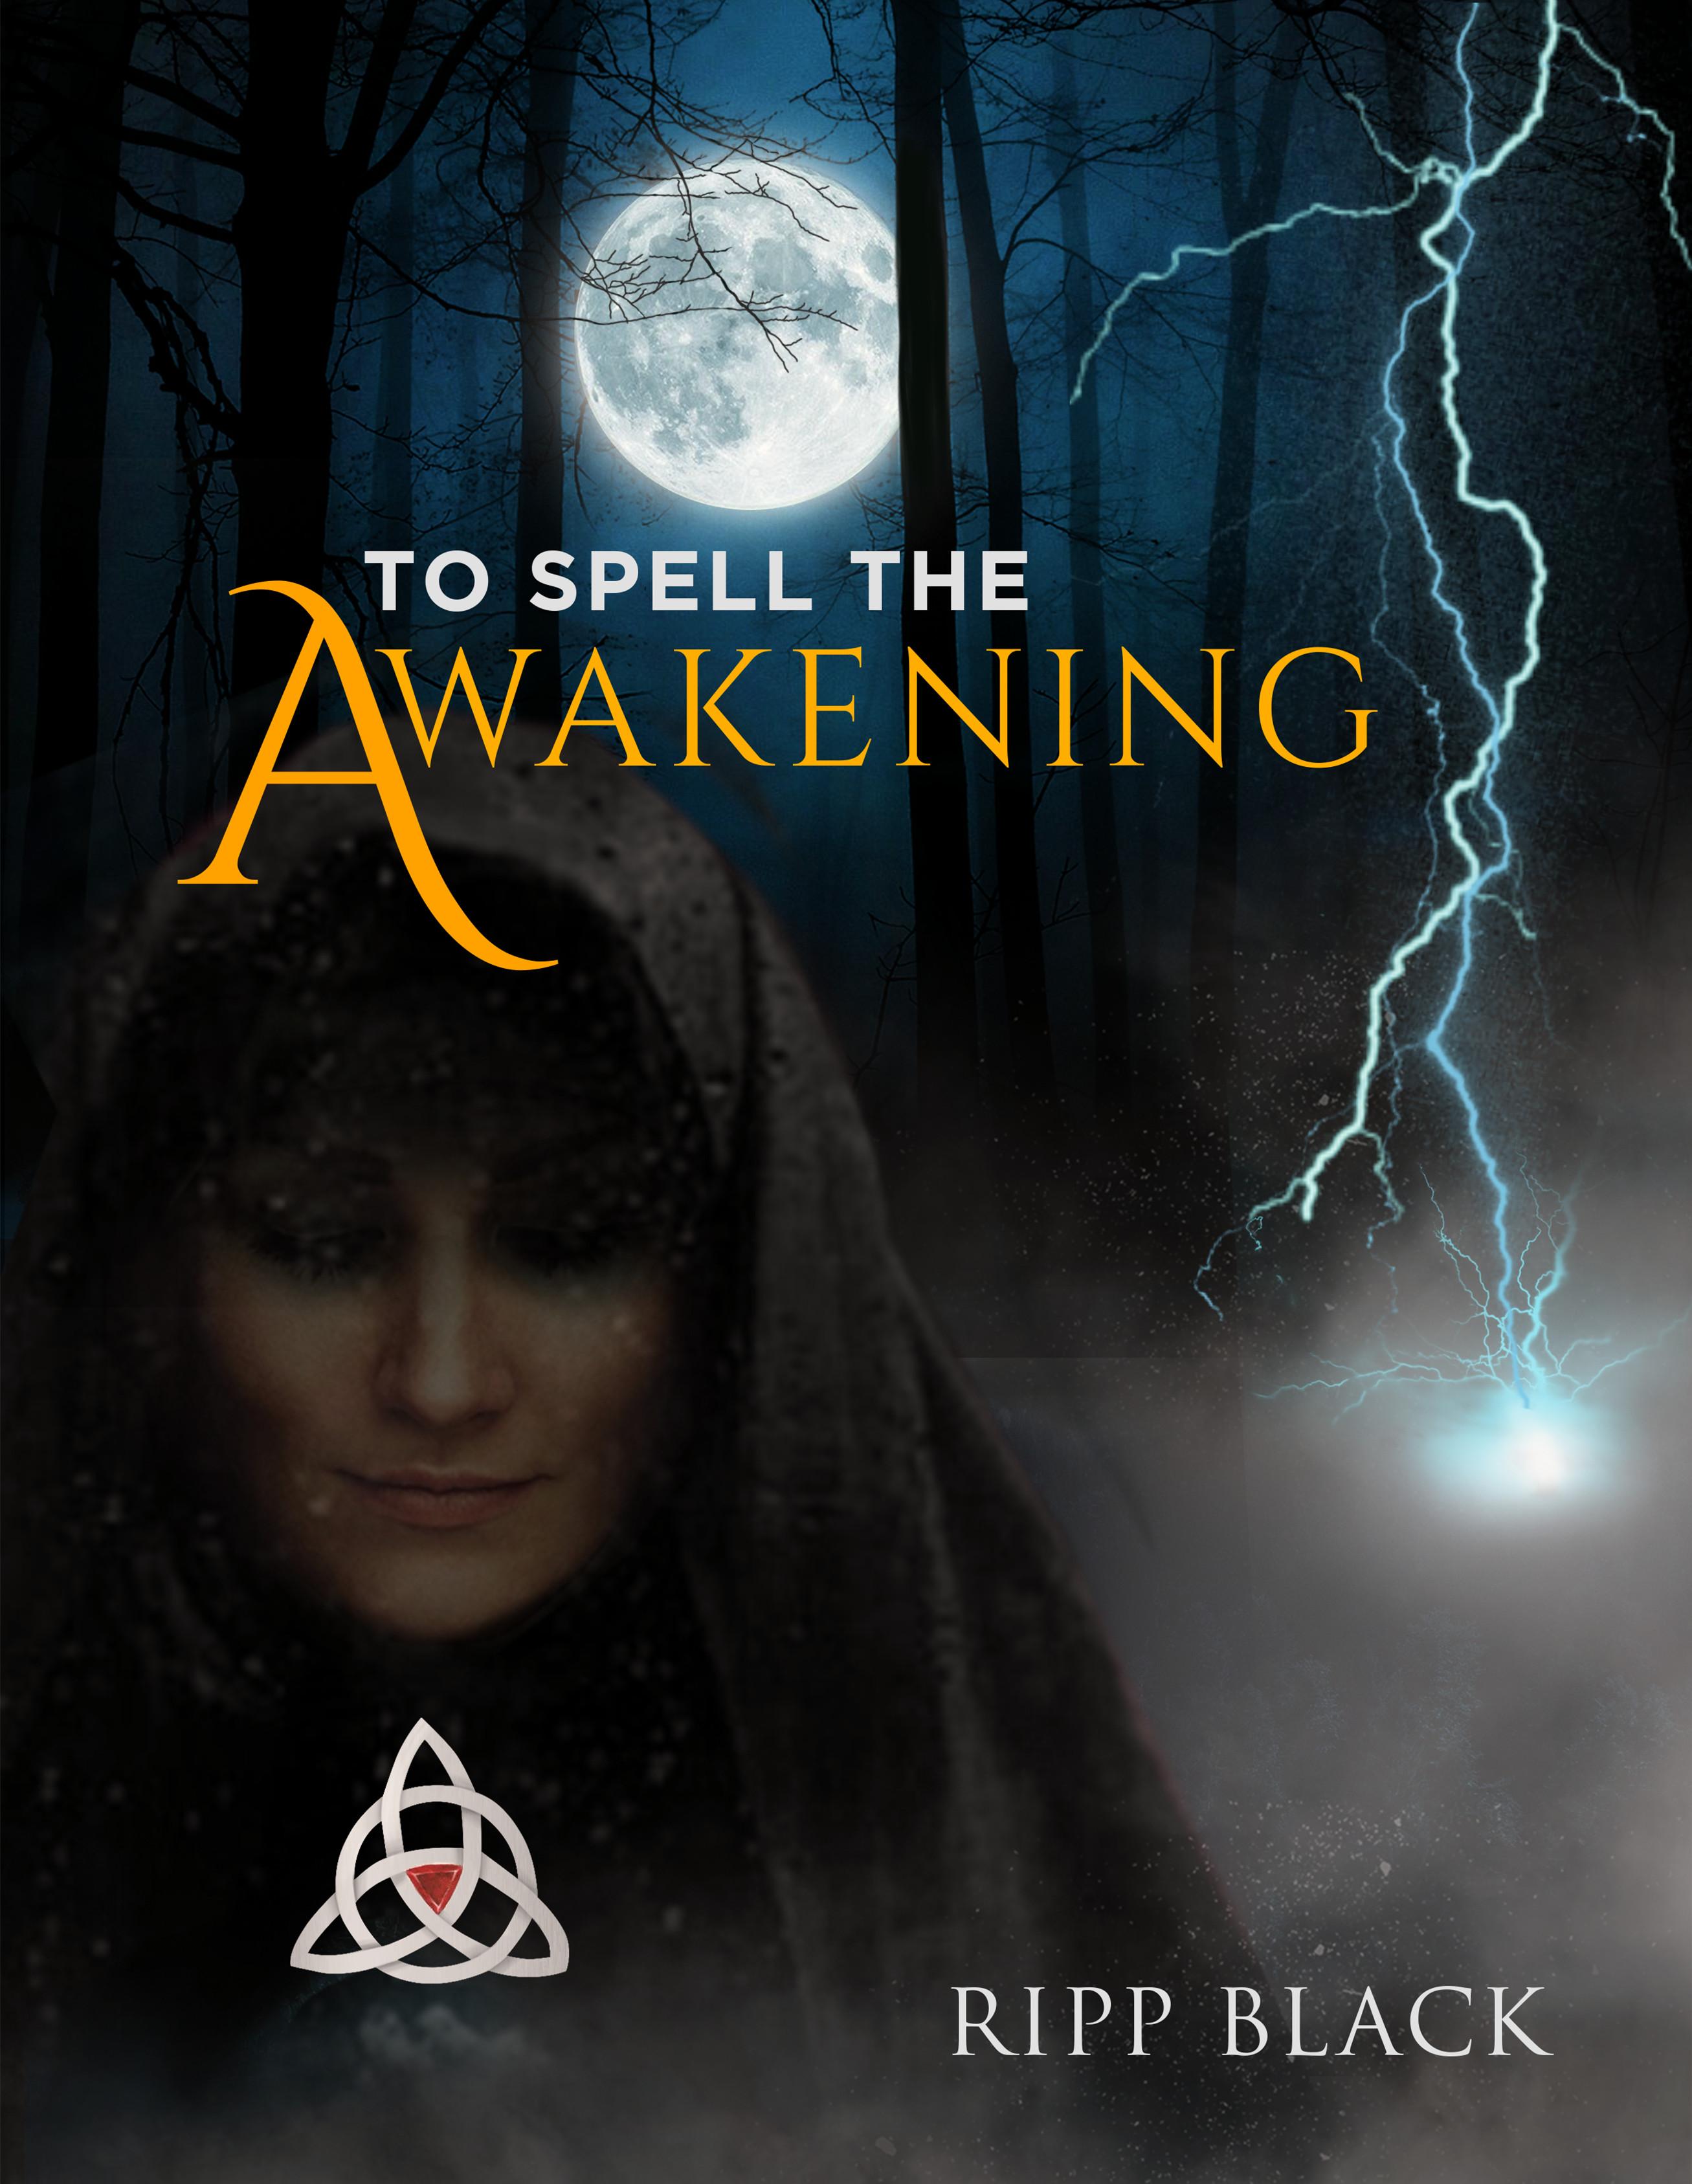 To Spell The Awakening